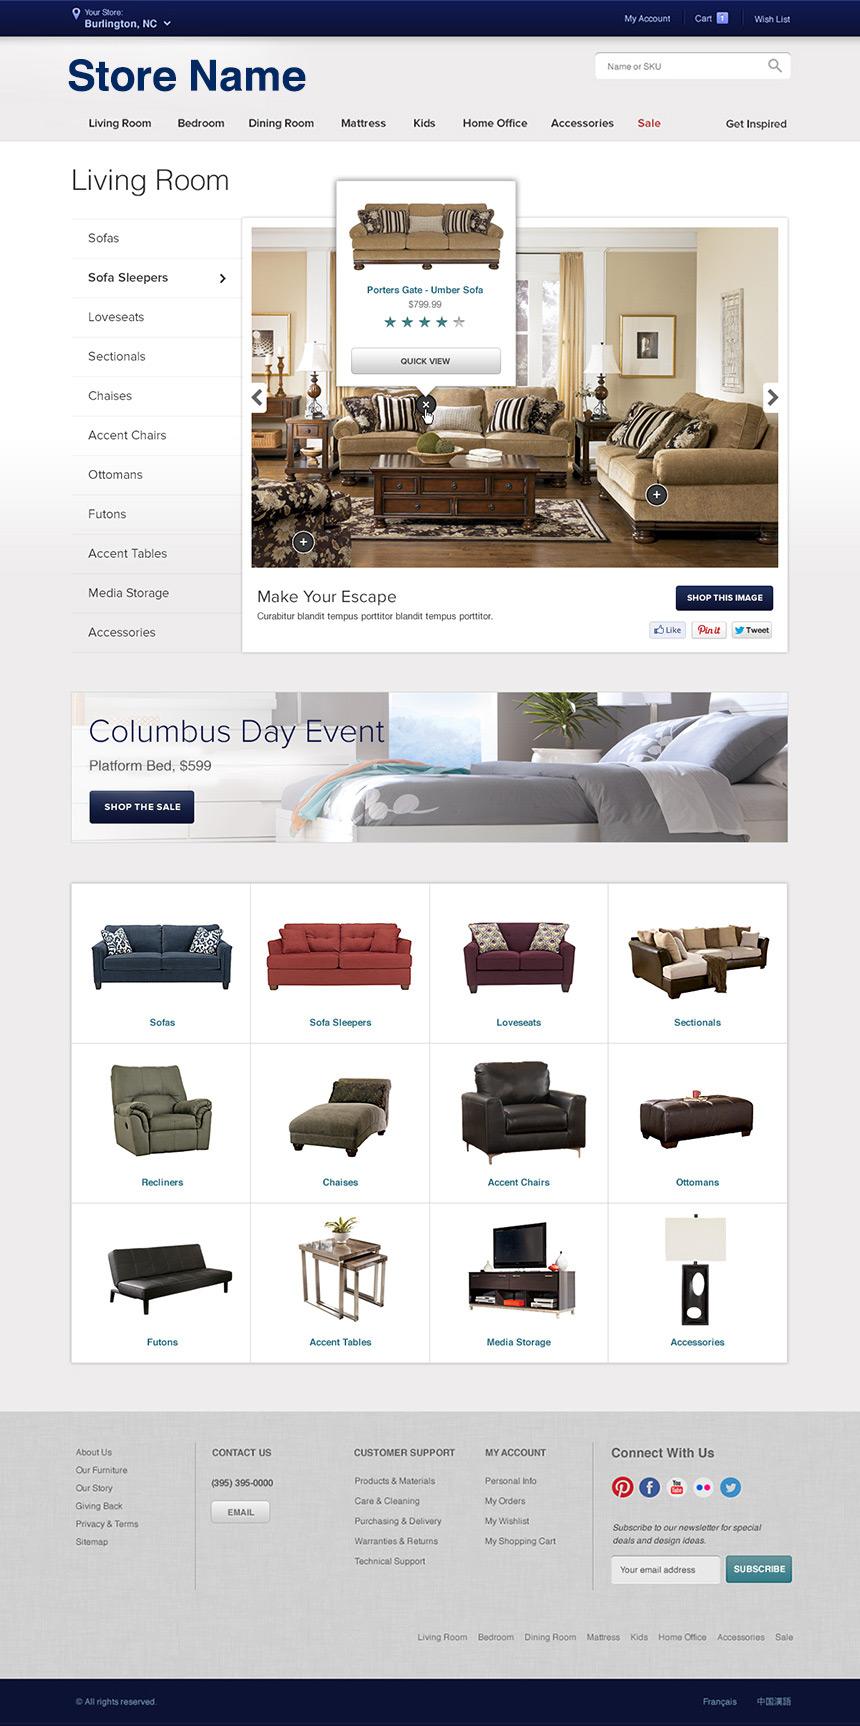 Furniture store mindy wagner web designer for Furnishing websites